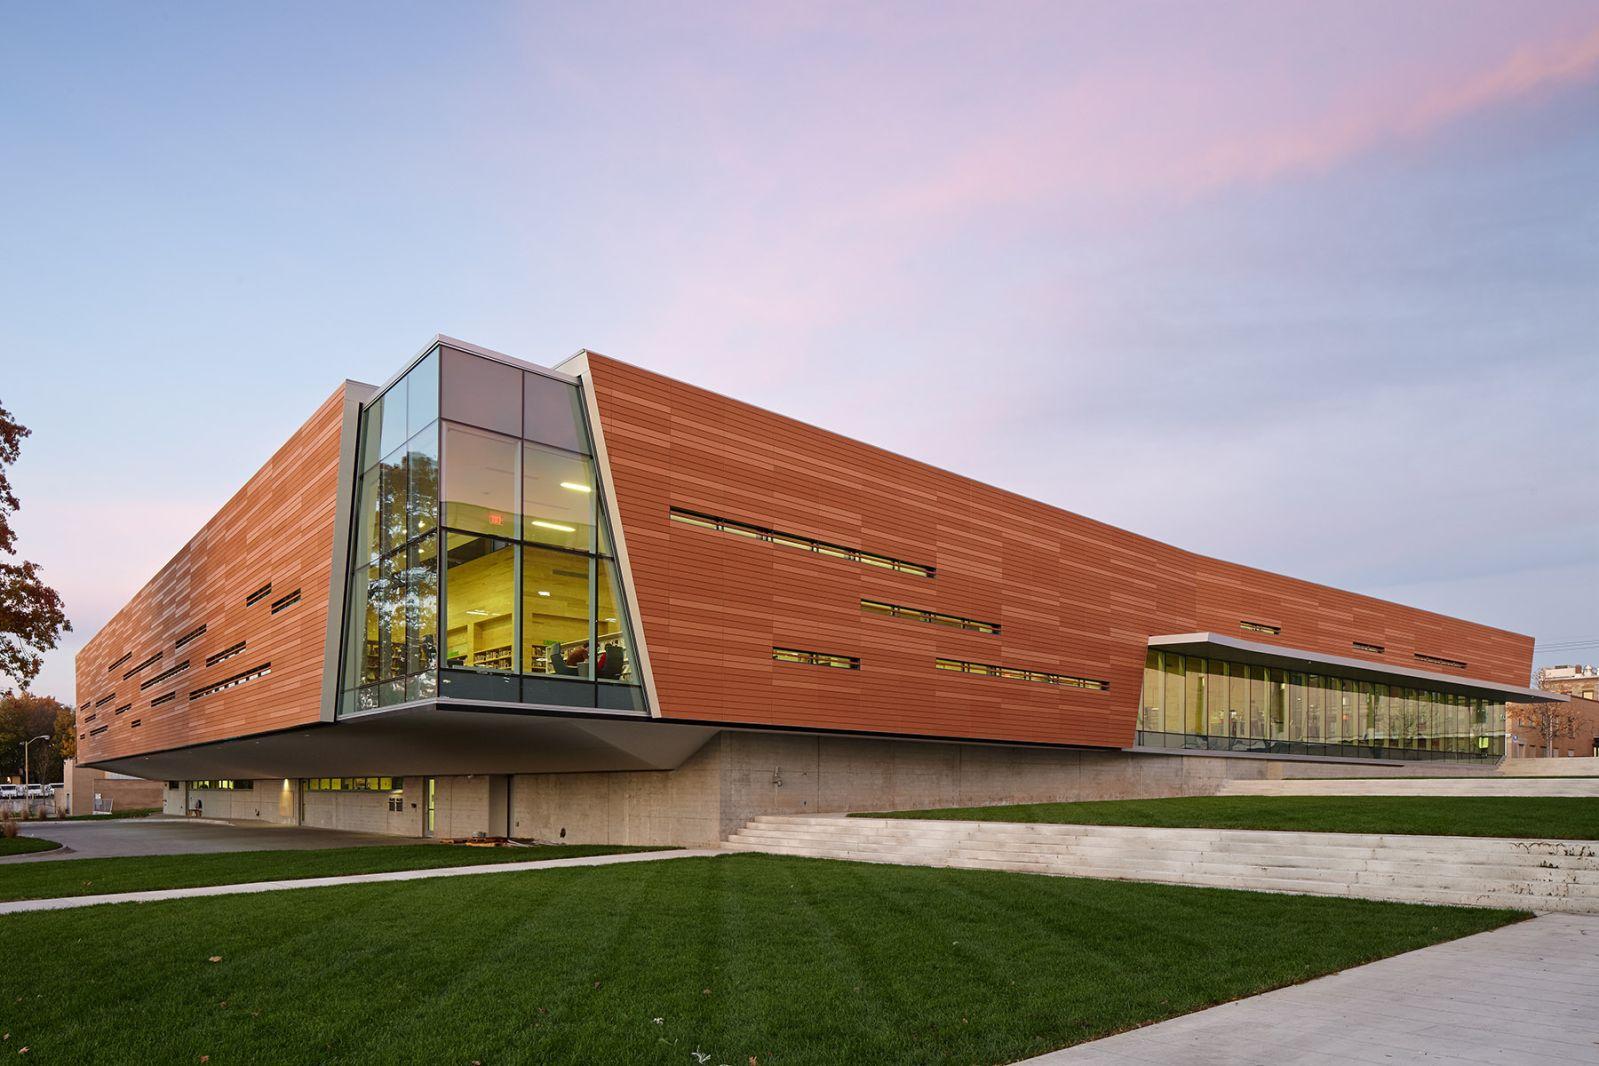 Kansas City Kansas Public Library Main Library